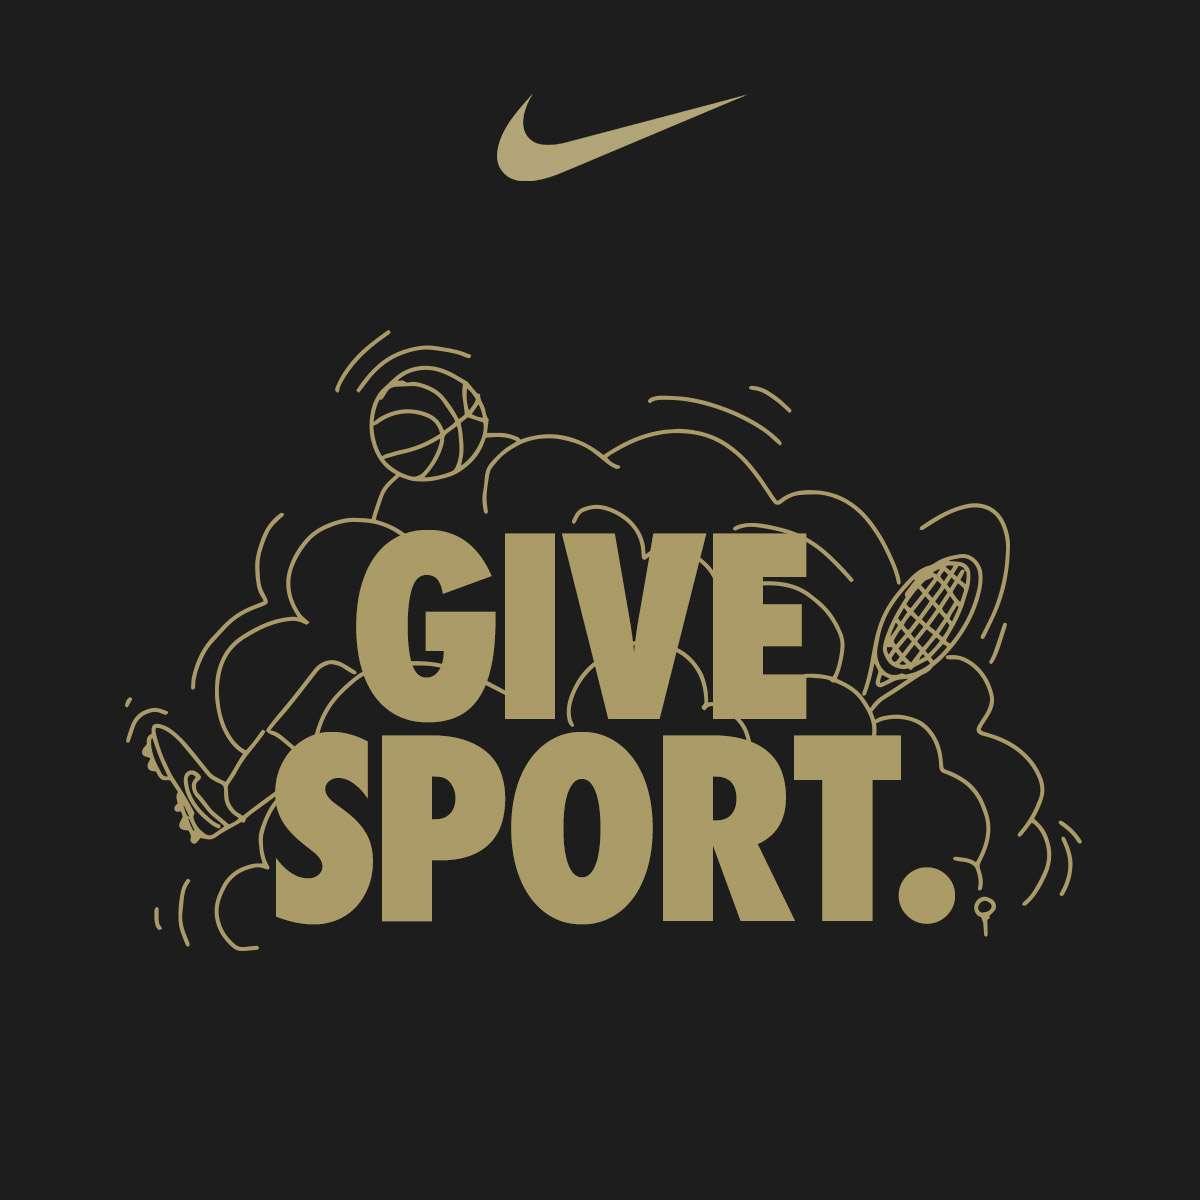 NIKE | GIVE SPORT.